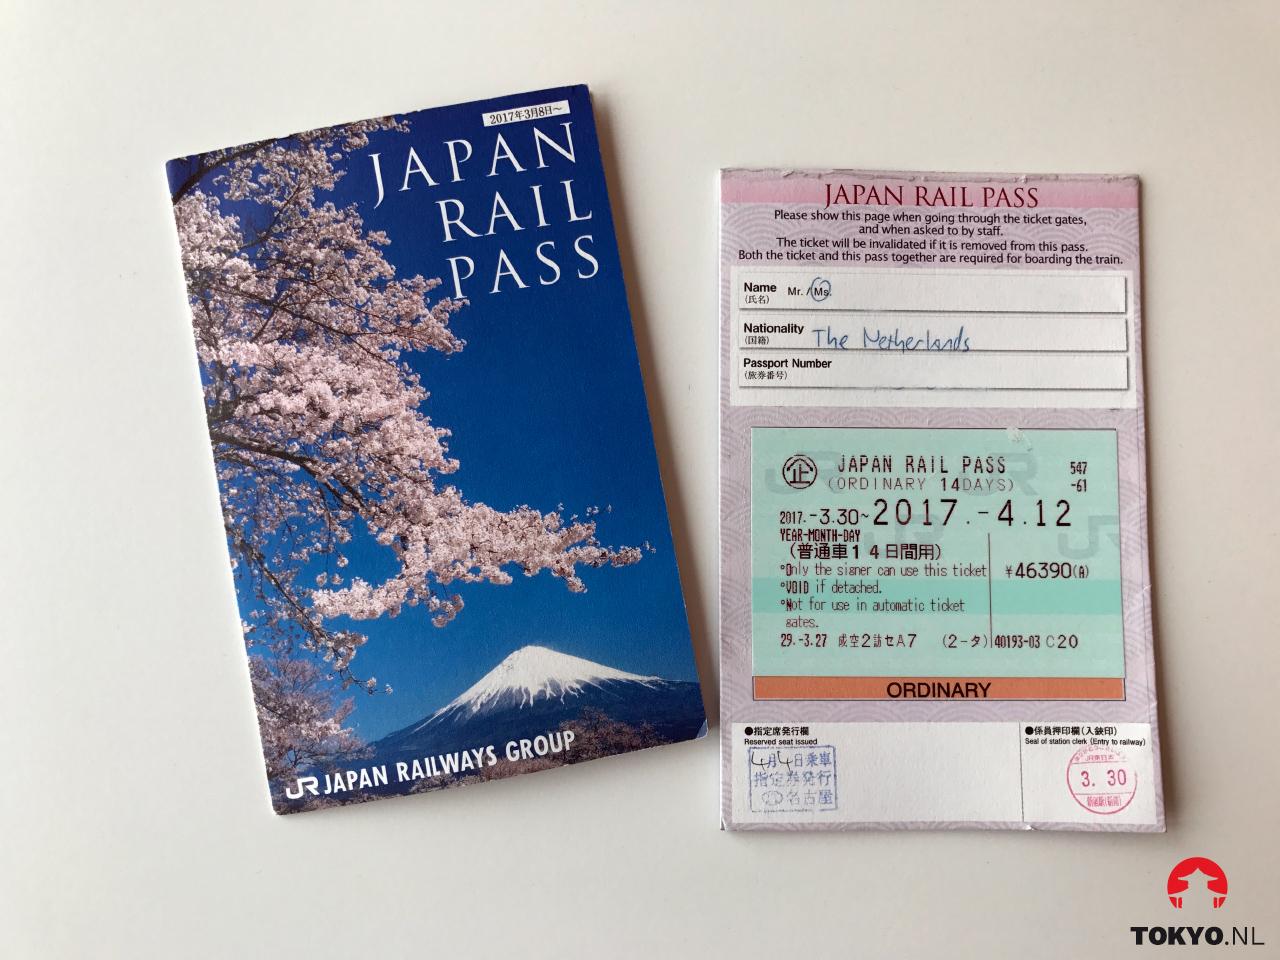 Japan rail pass bestellen